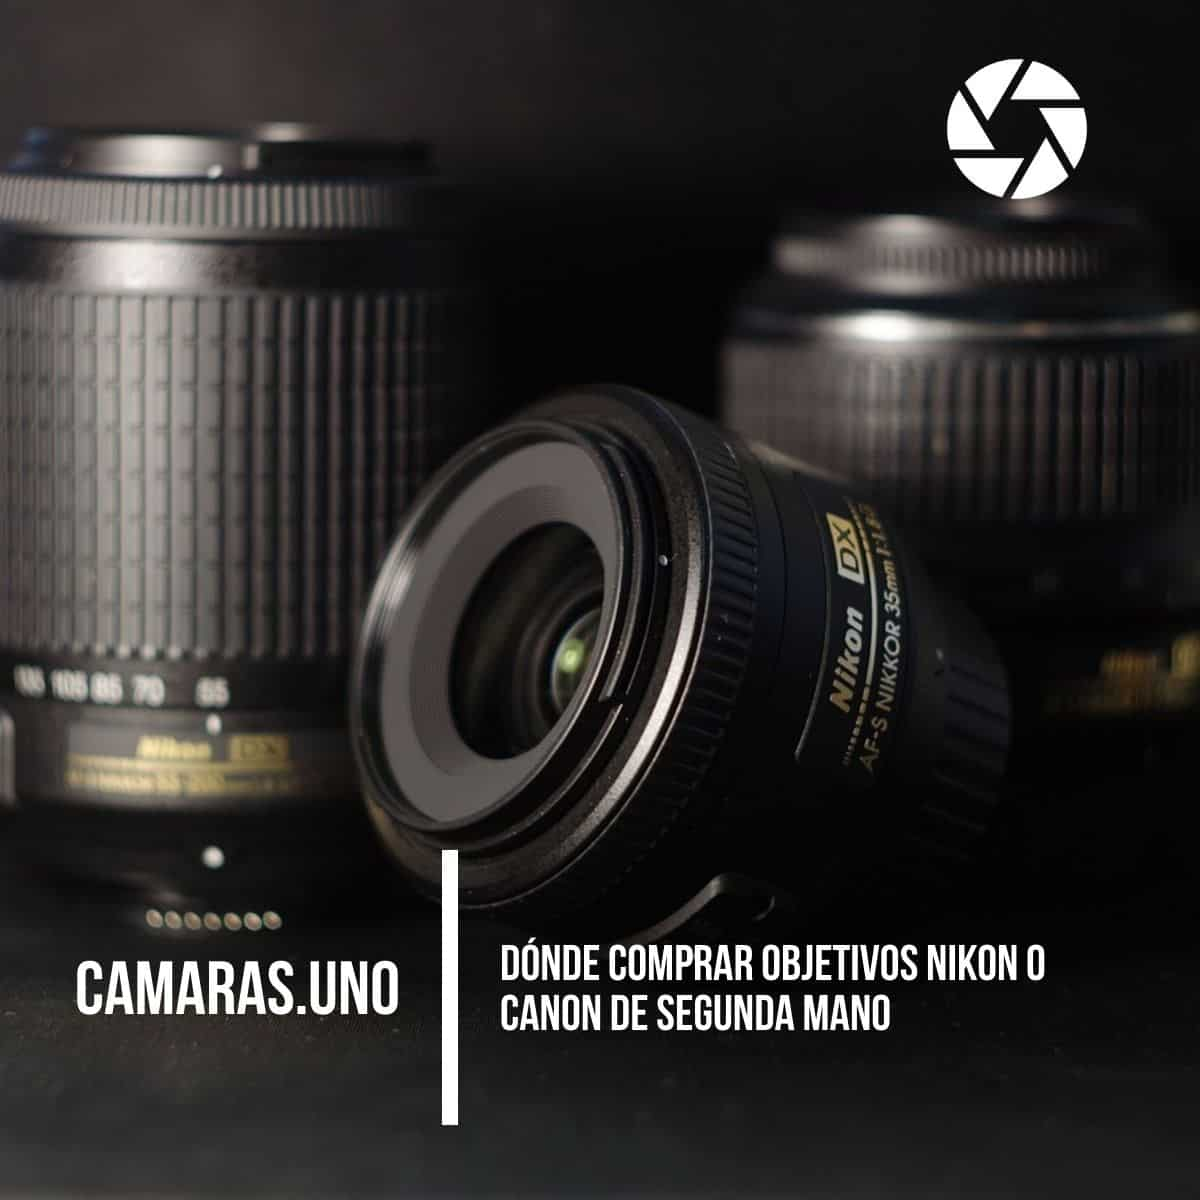 Dónde comprar objetivos Nikon o Canon de segunda mano